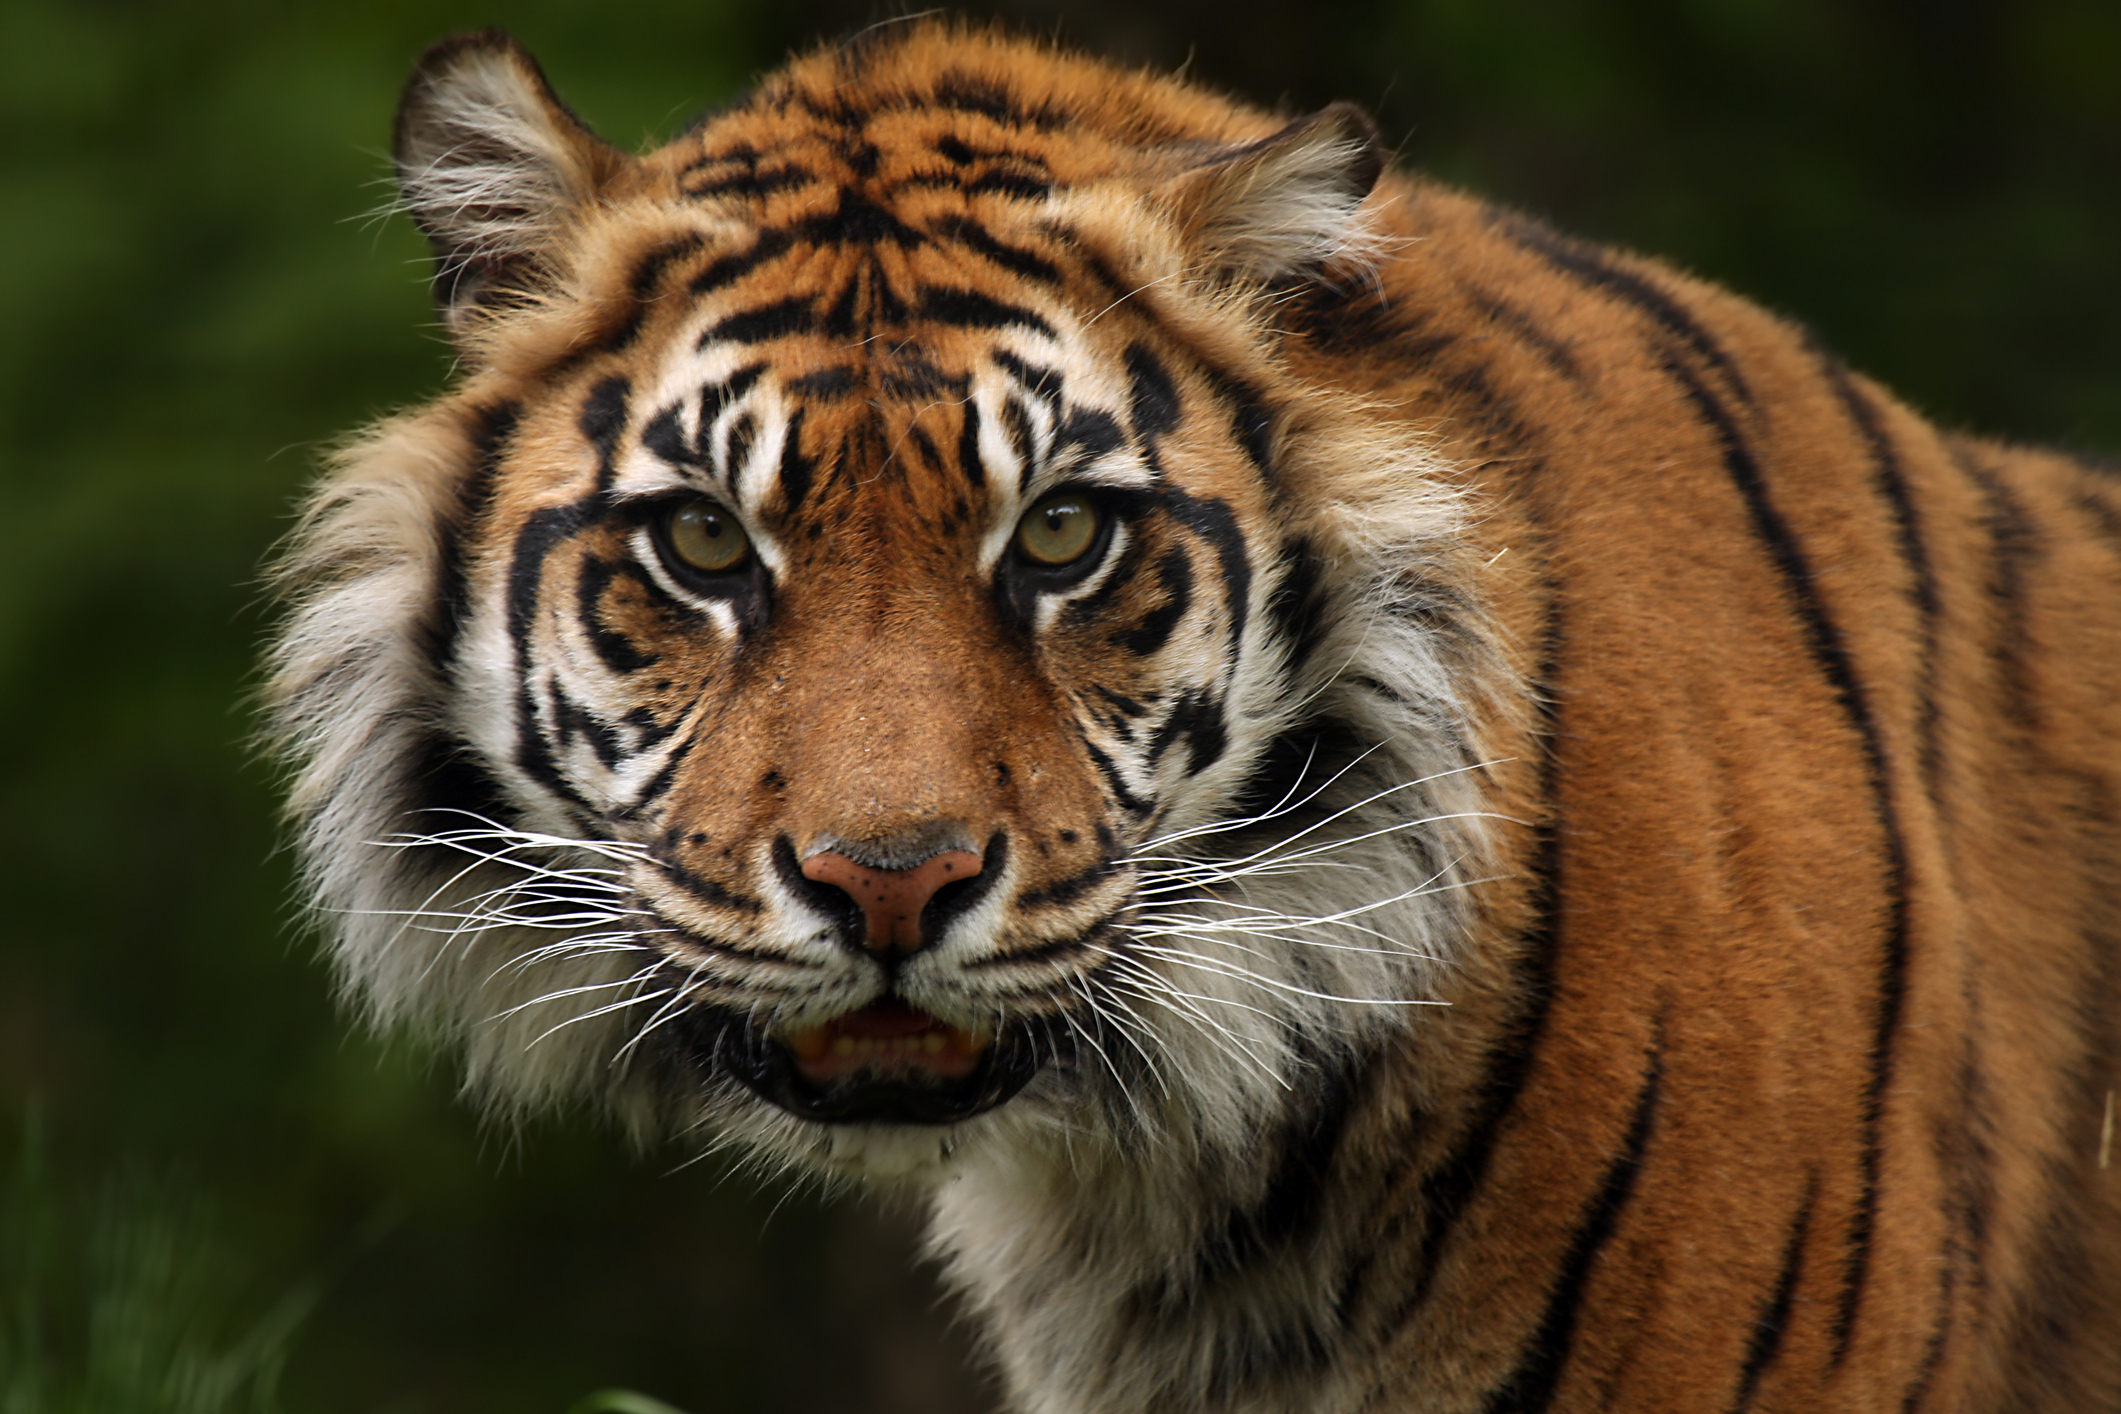 A critically endangered Sumatran Tiger.